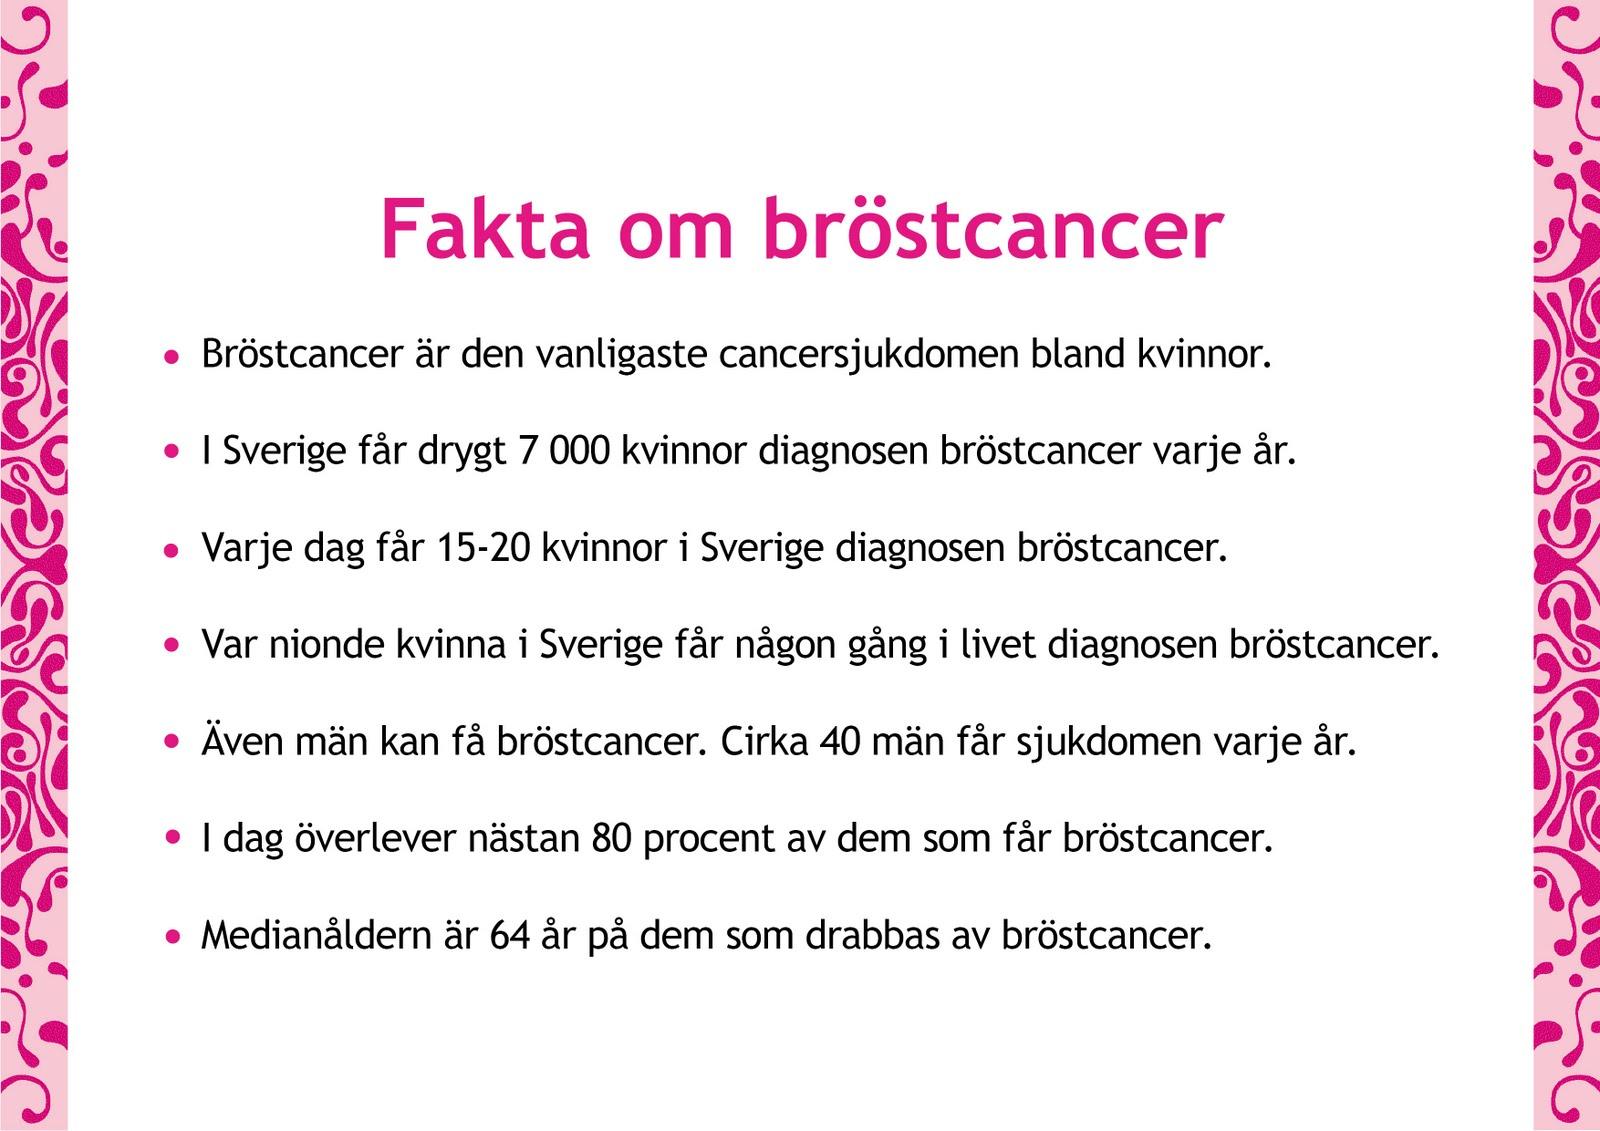 hur vet man om man har bröstcancer